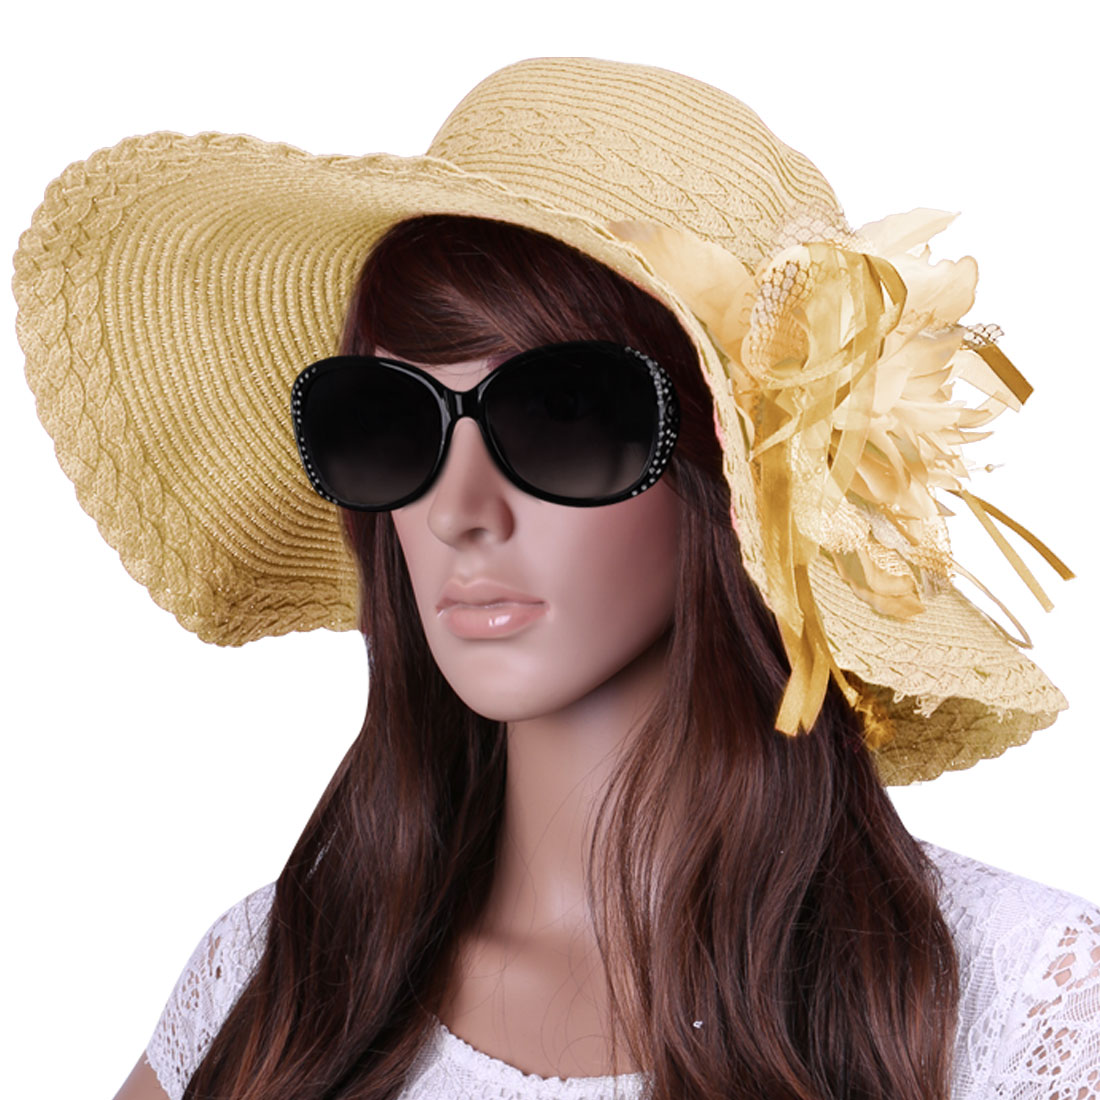 Ladies Round Brim Braid Textured Woven Straw Beach Sun Hat Beige